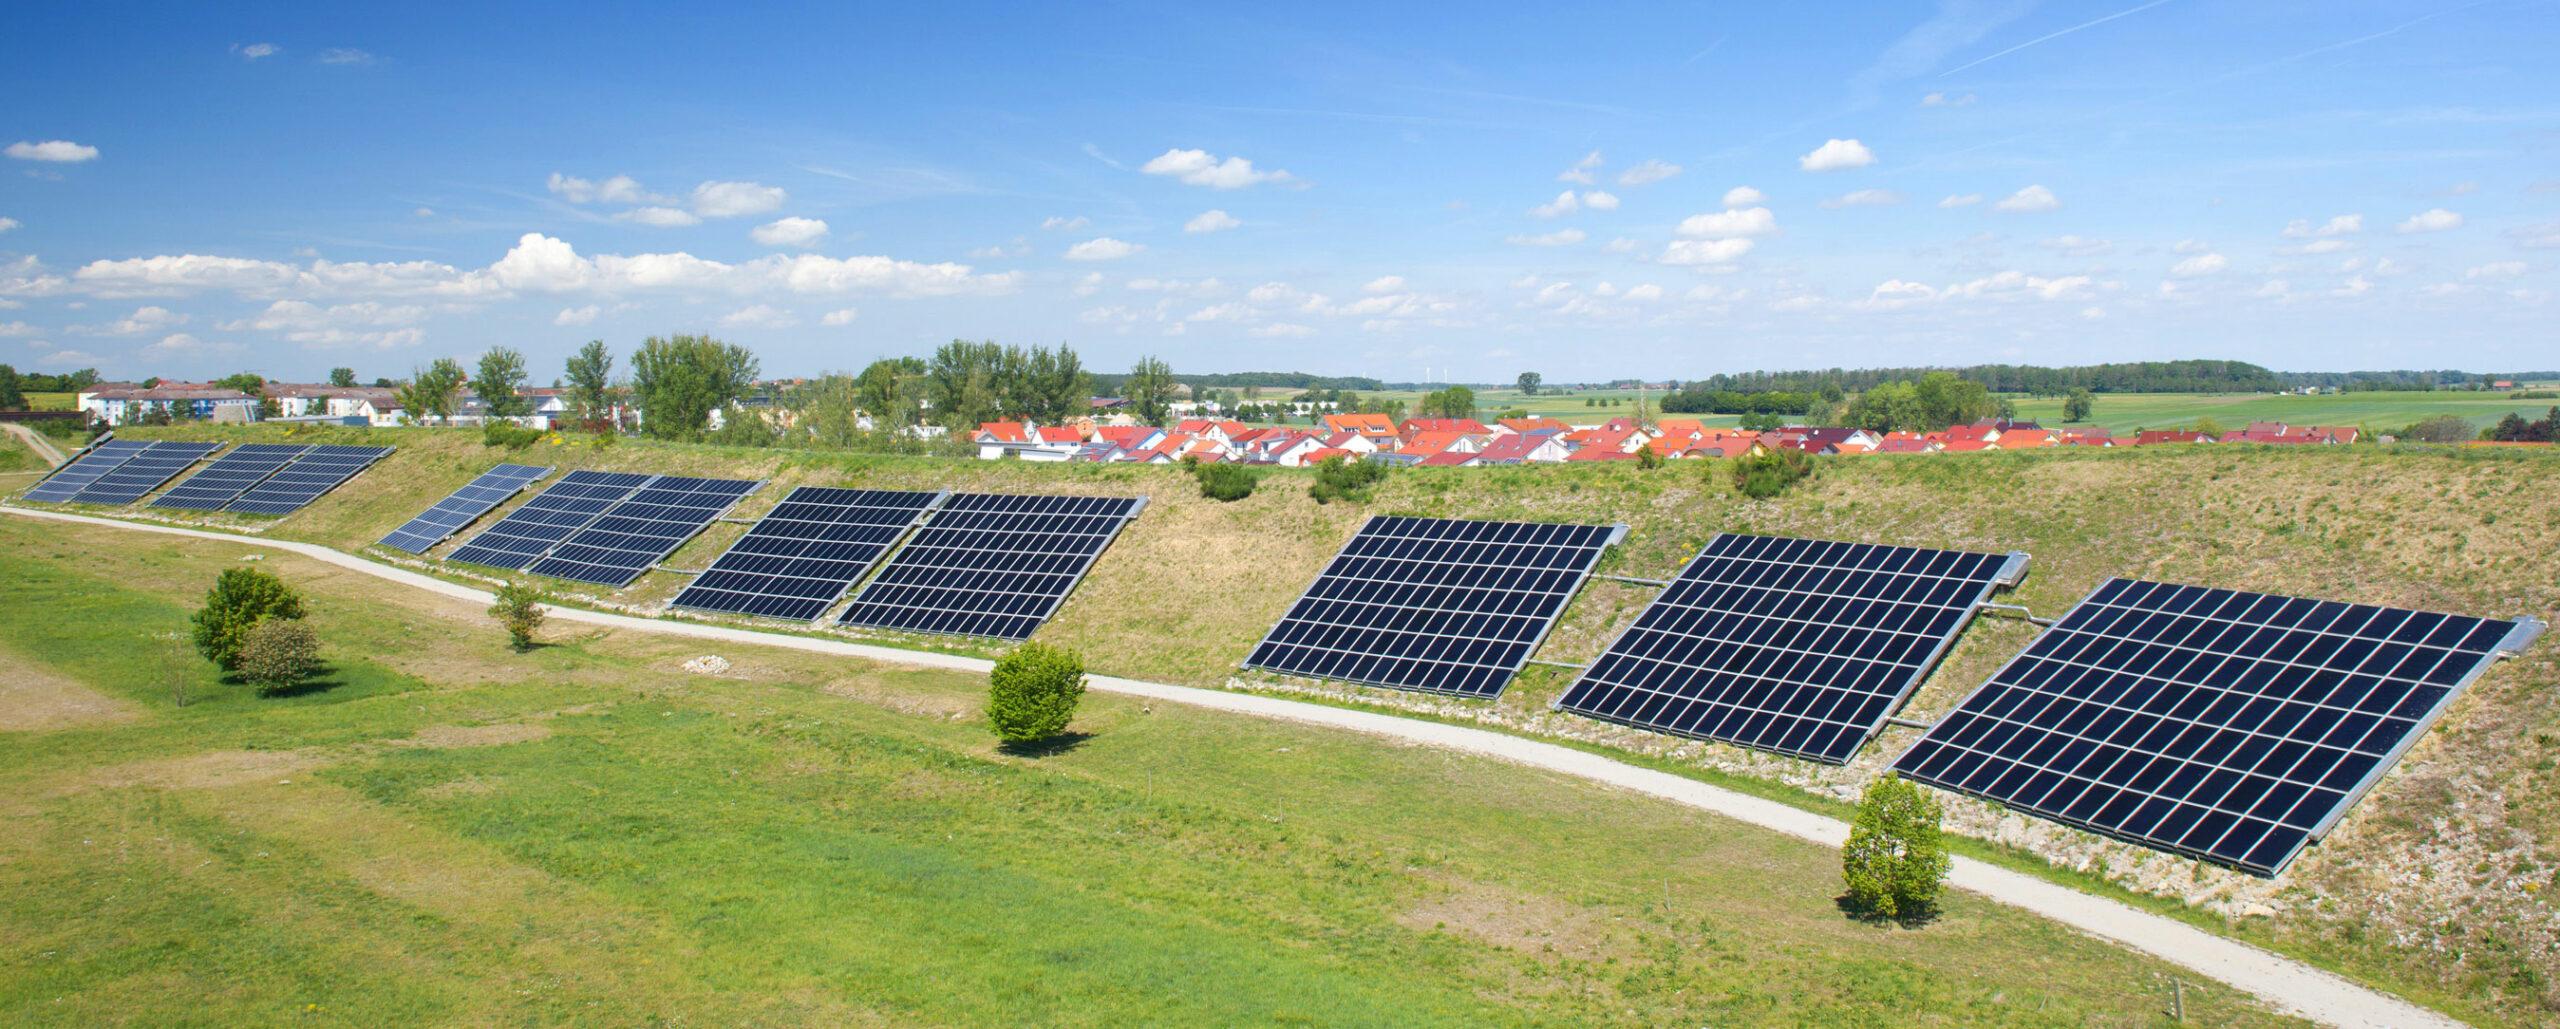 Solarthermie Hirtenwiesen Crailsheim